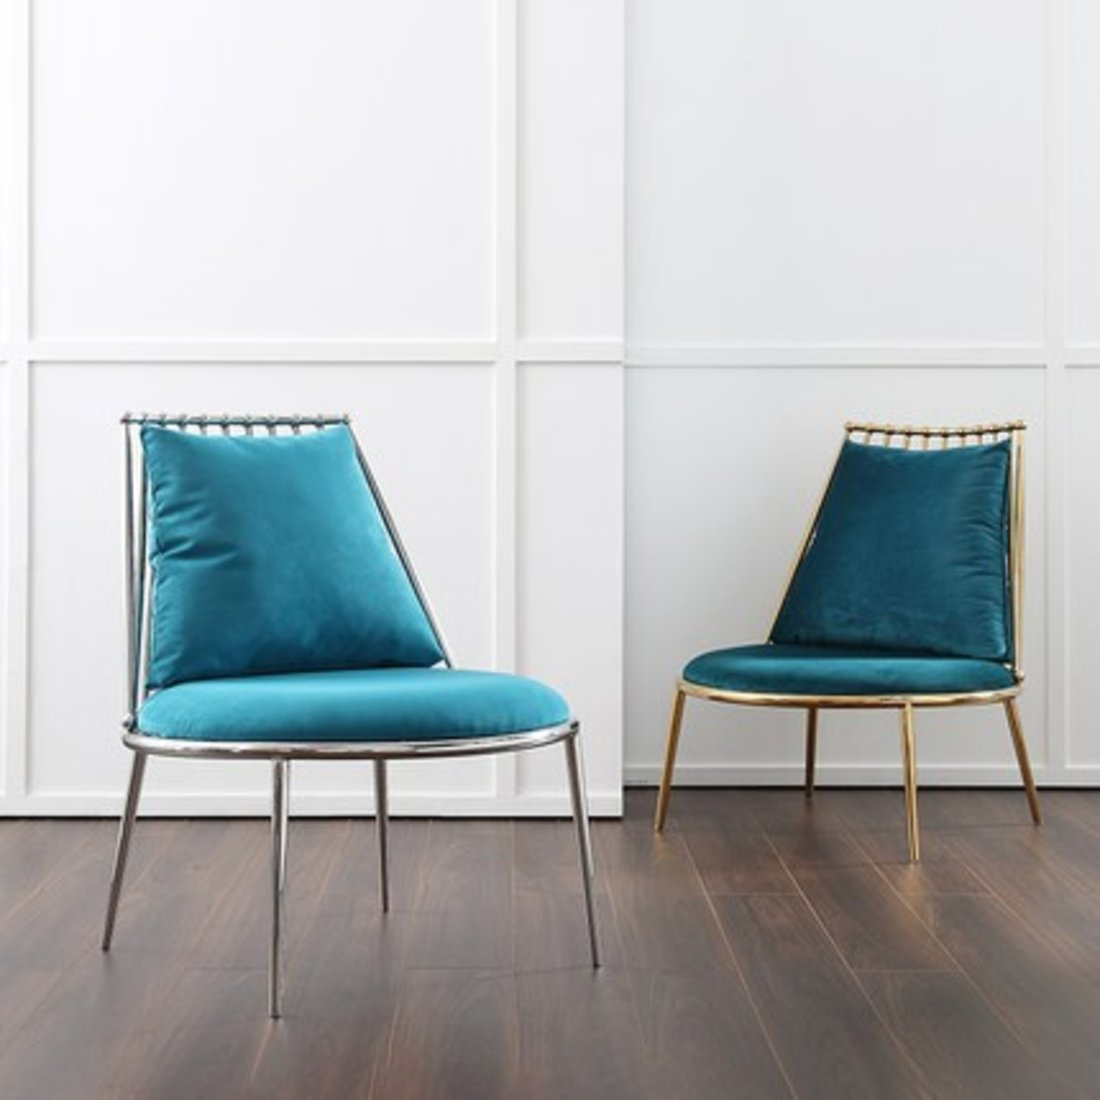 「休闲椅」创意靠背梳妆椅